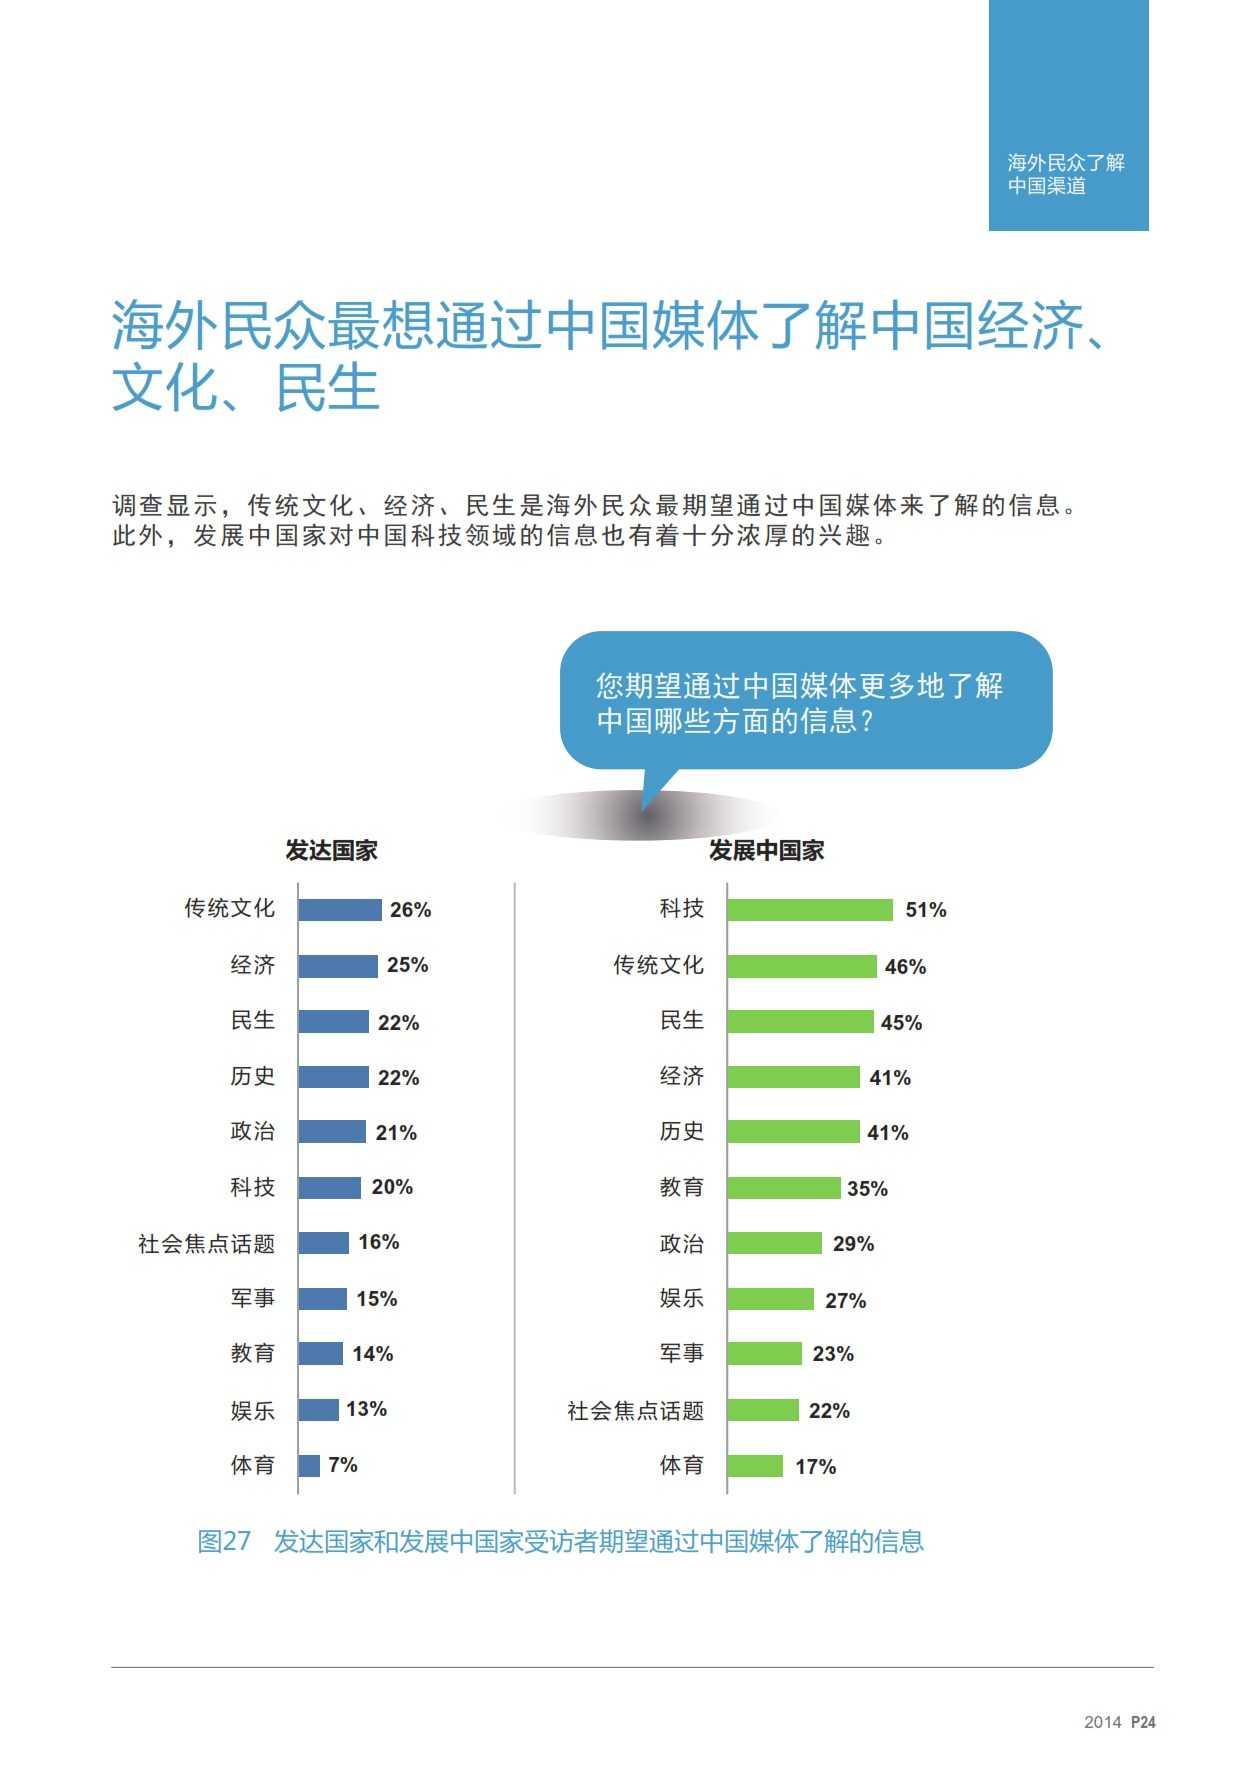 2014中国国家形象全球调查报告-v17_023